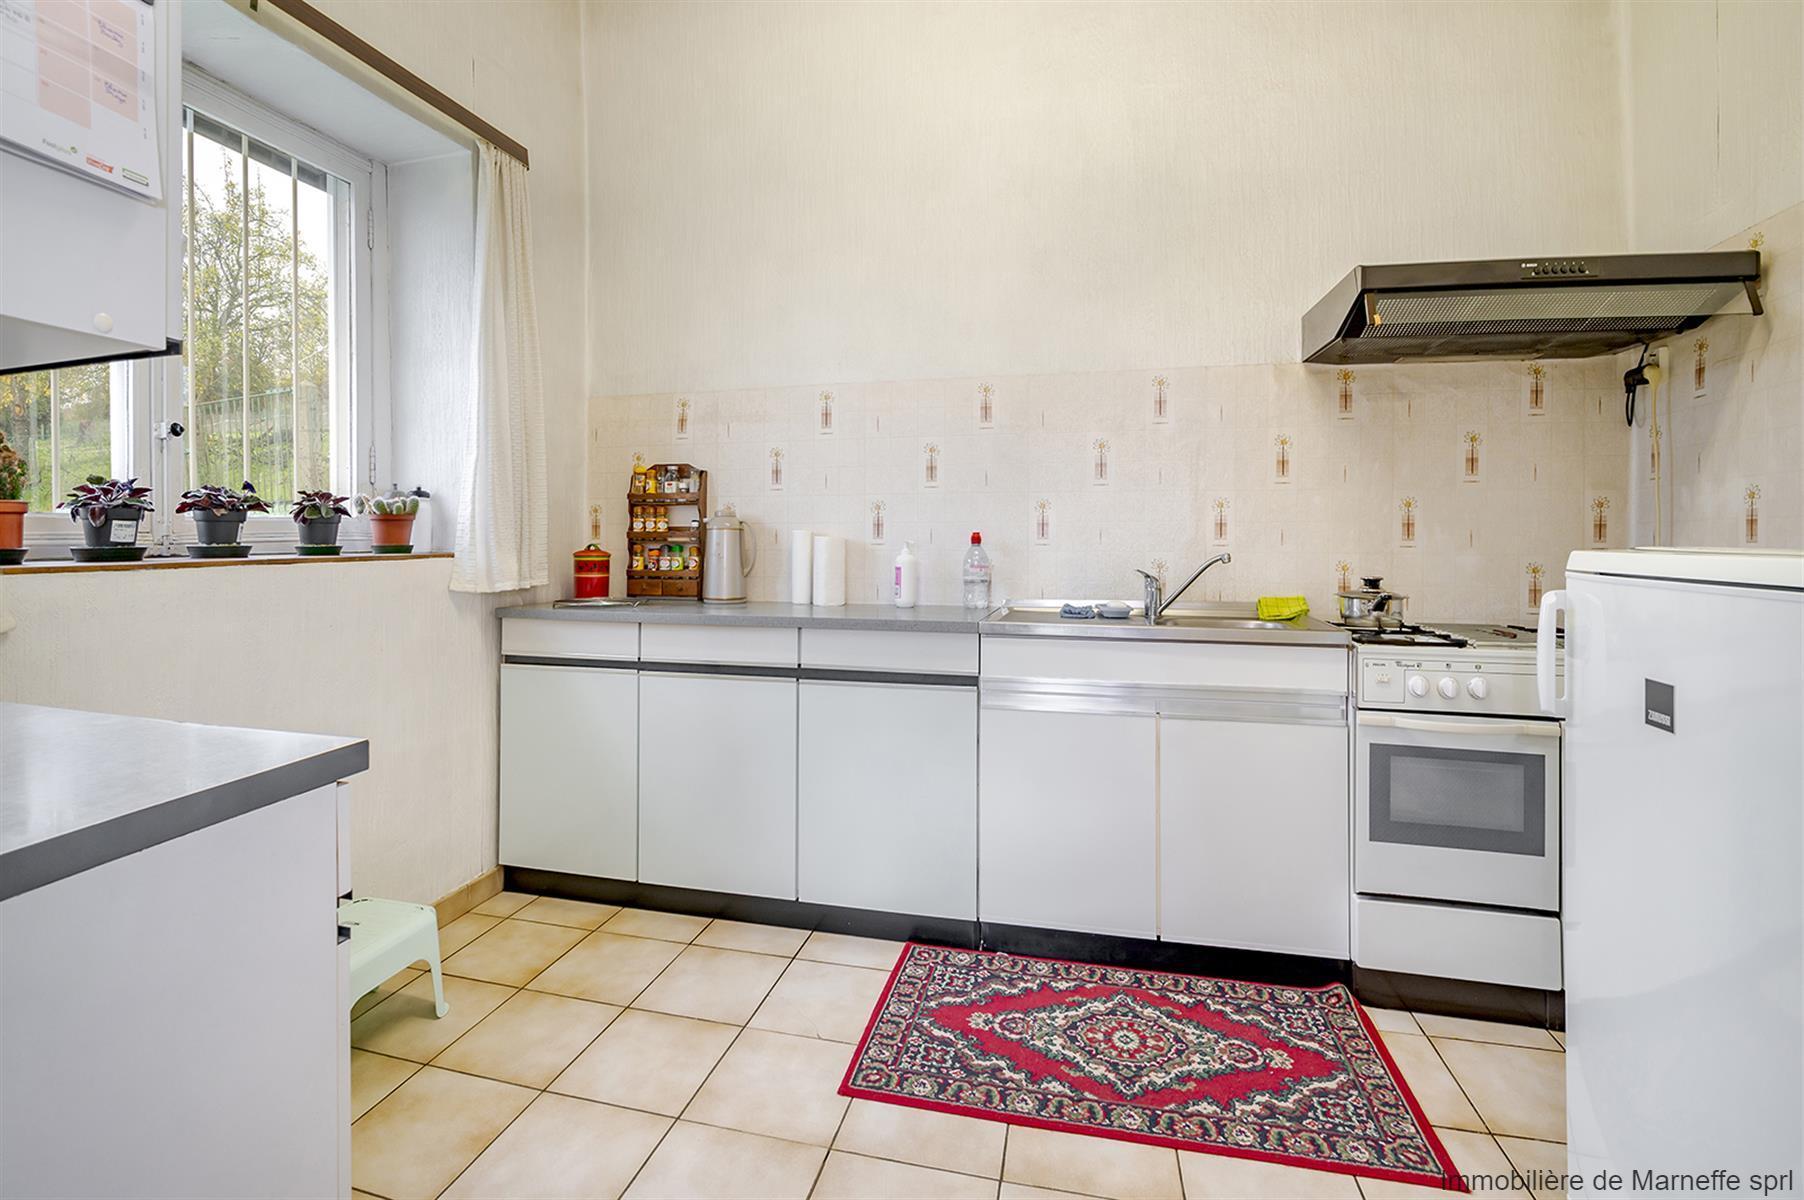 Maison - Villers-le-Bouillet - #3972205-7